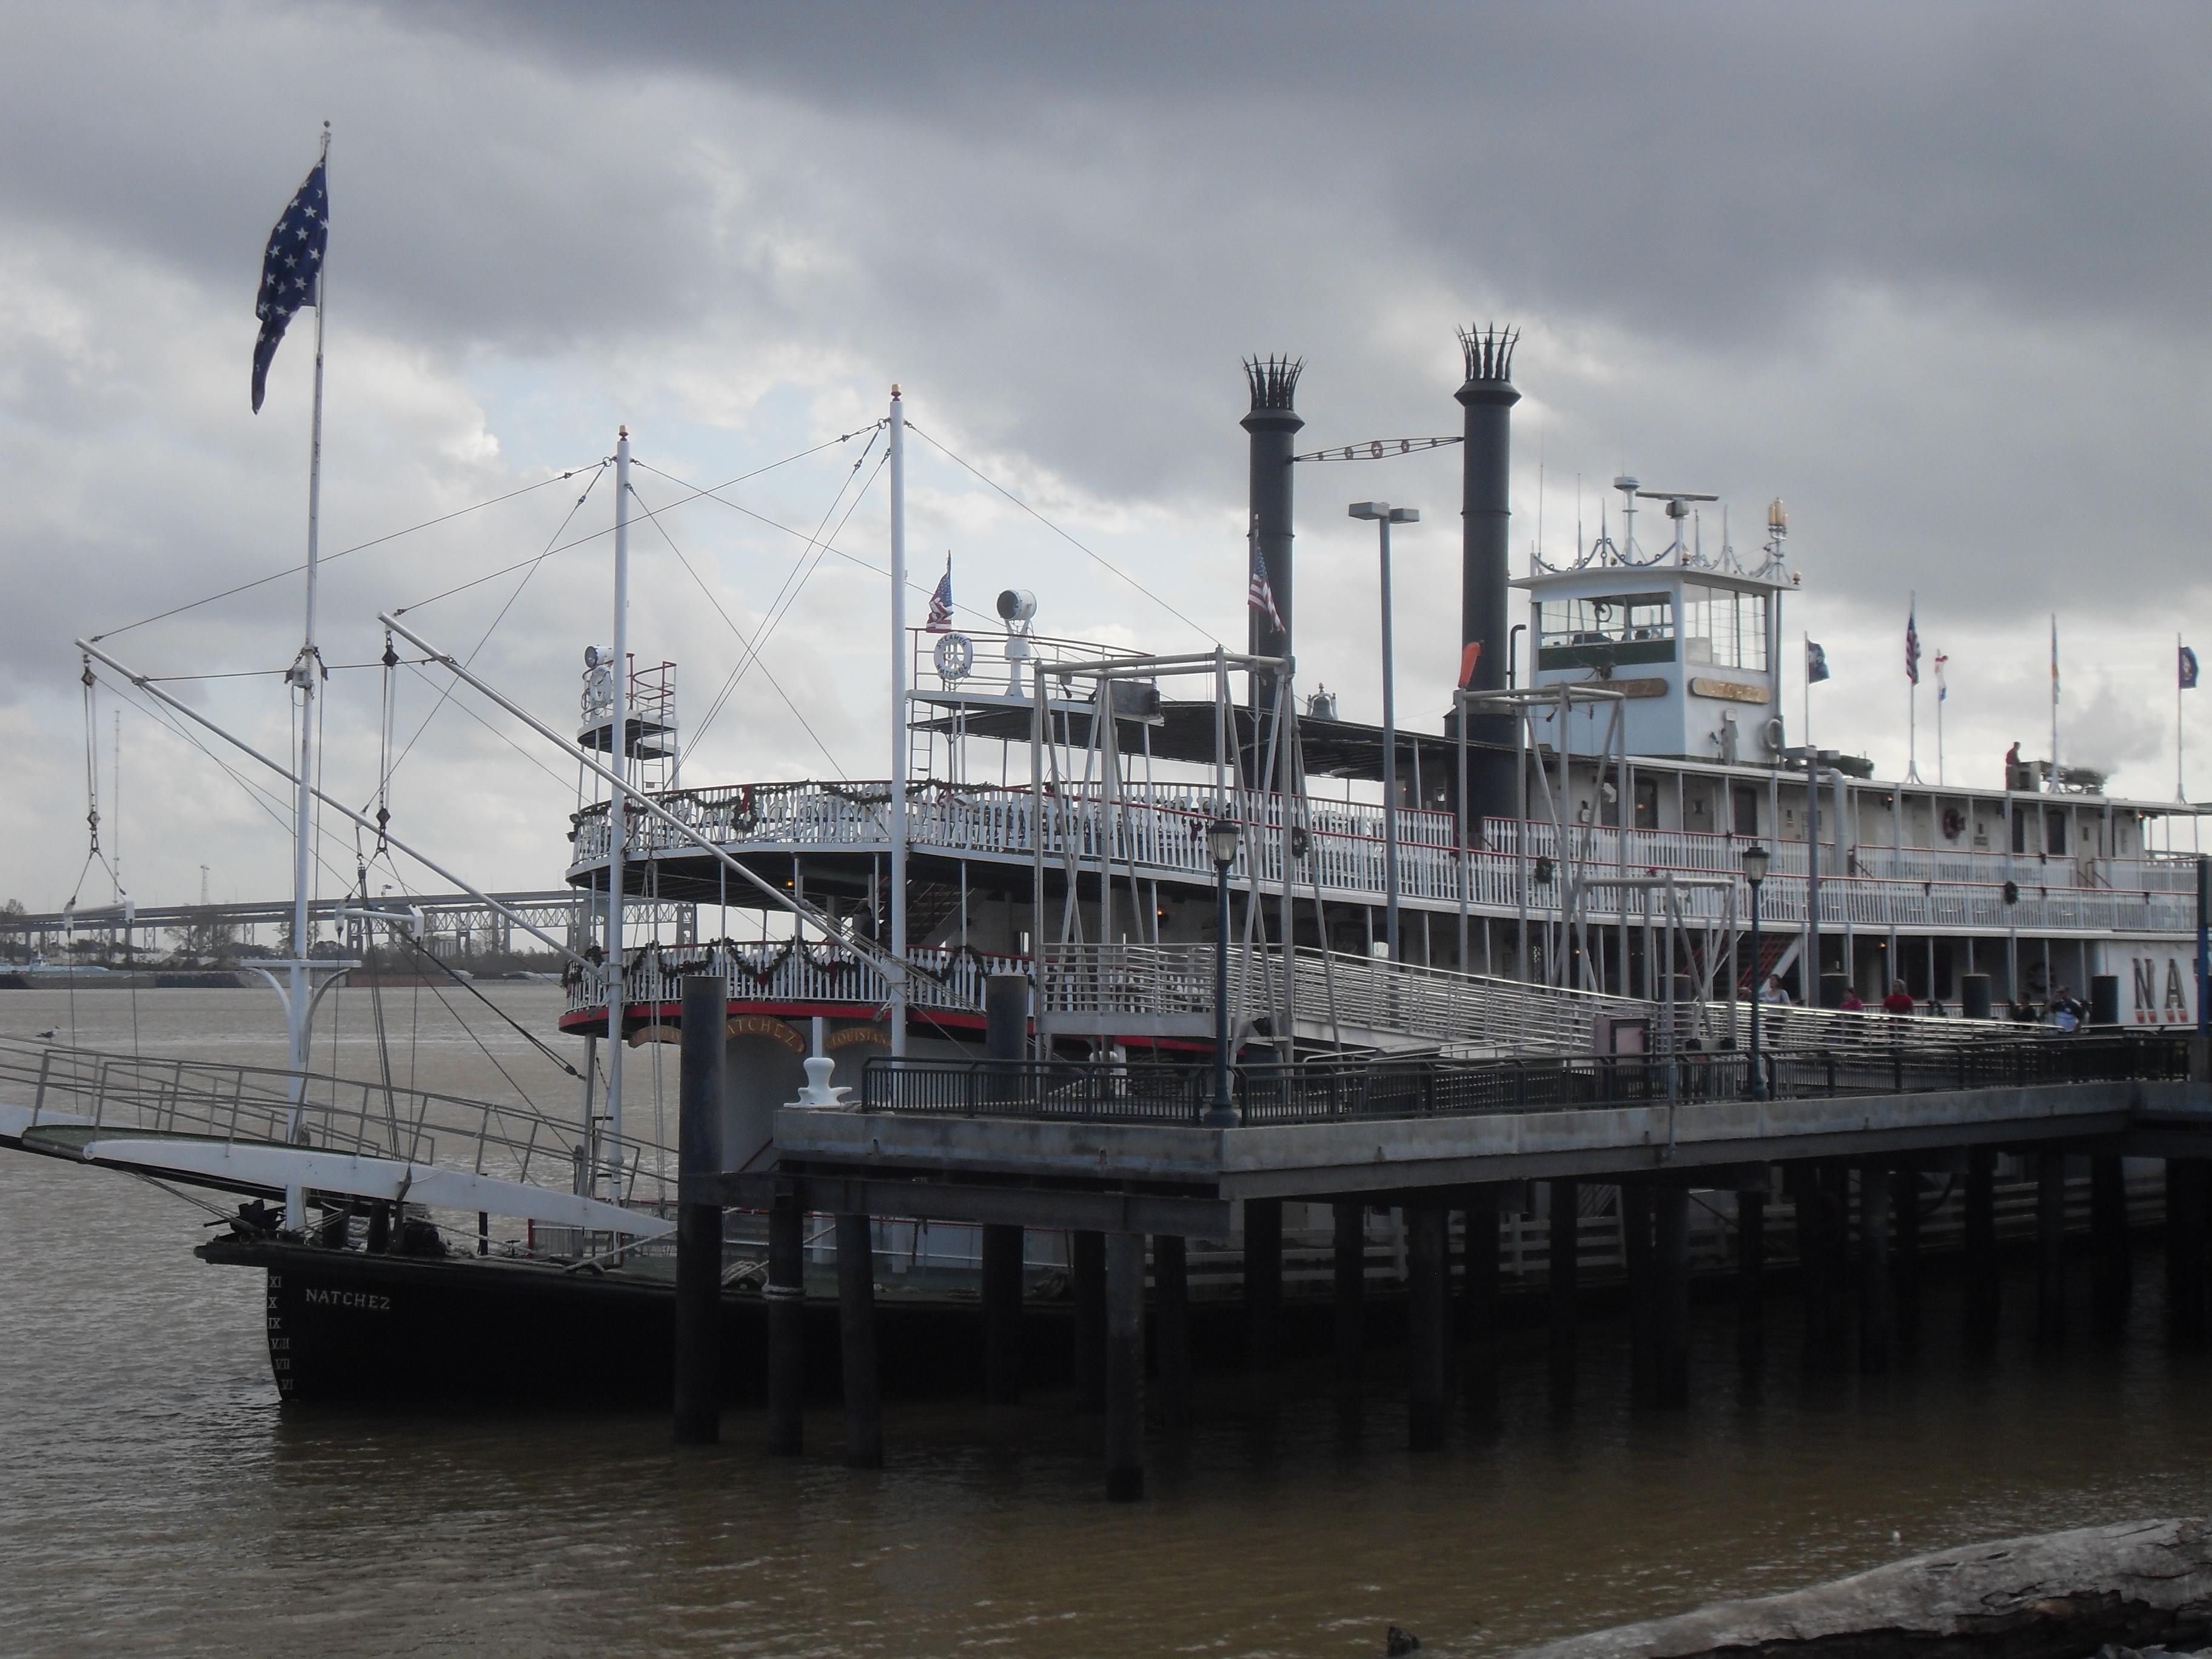 Natchez...the mississipi steamer